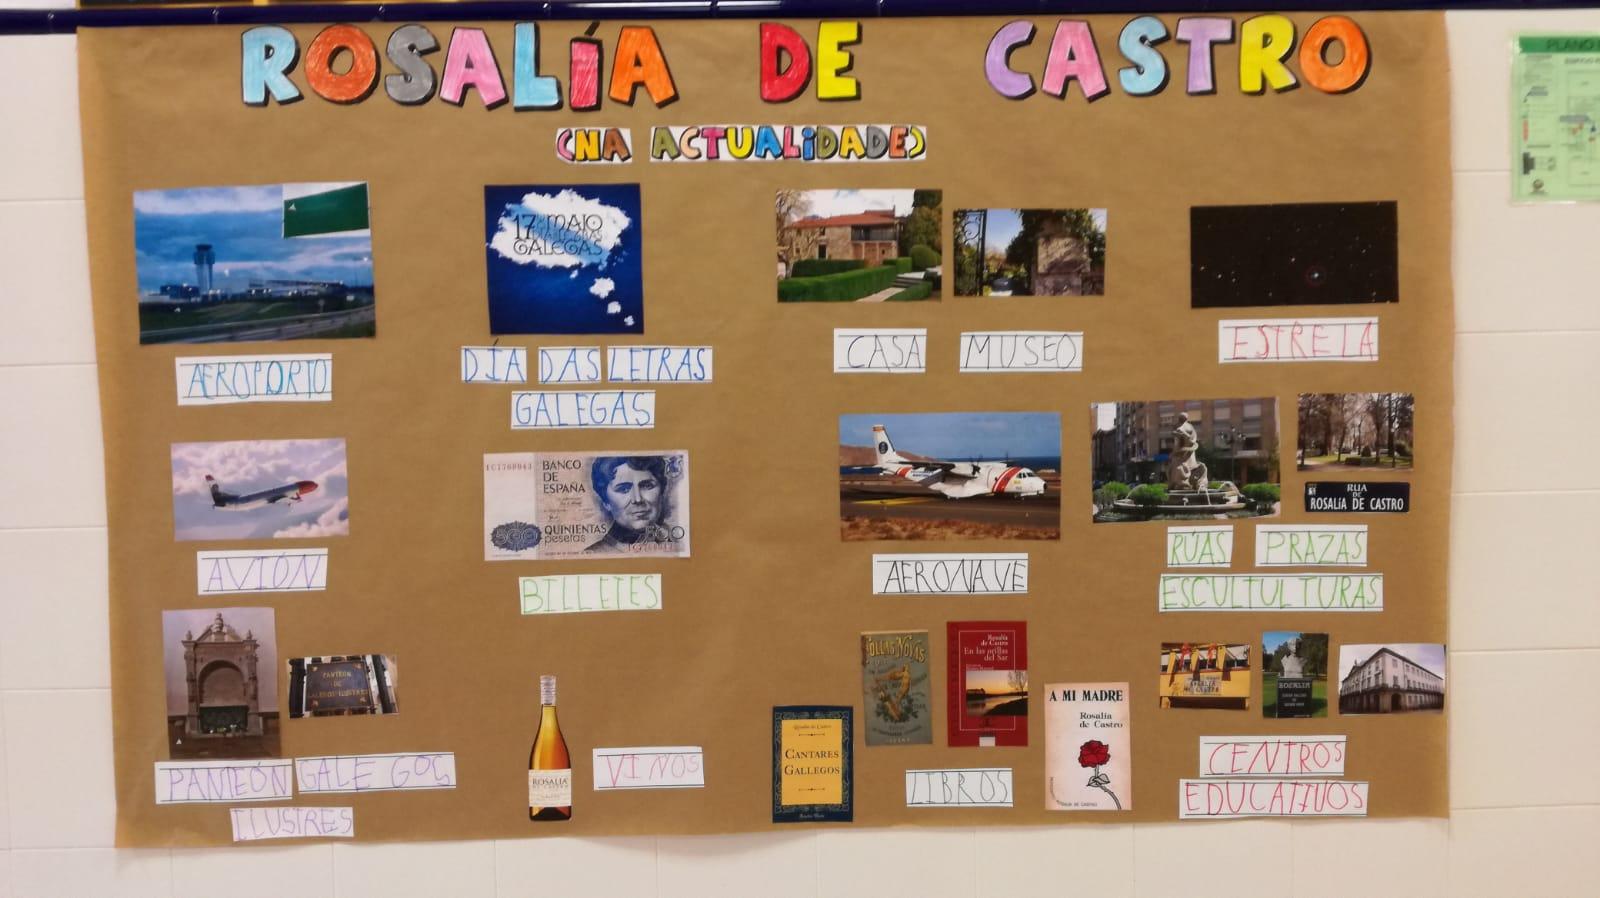 Día de Rosalía de Castro - Mural